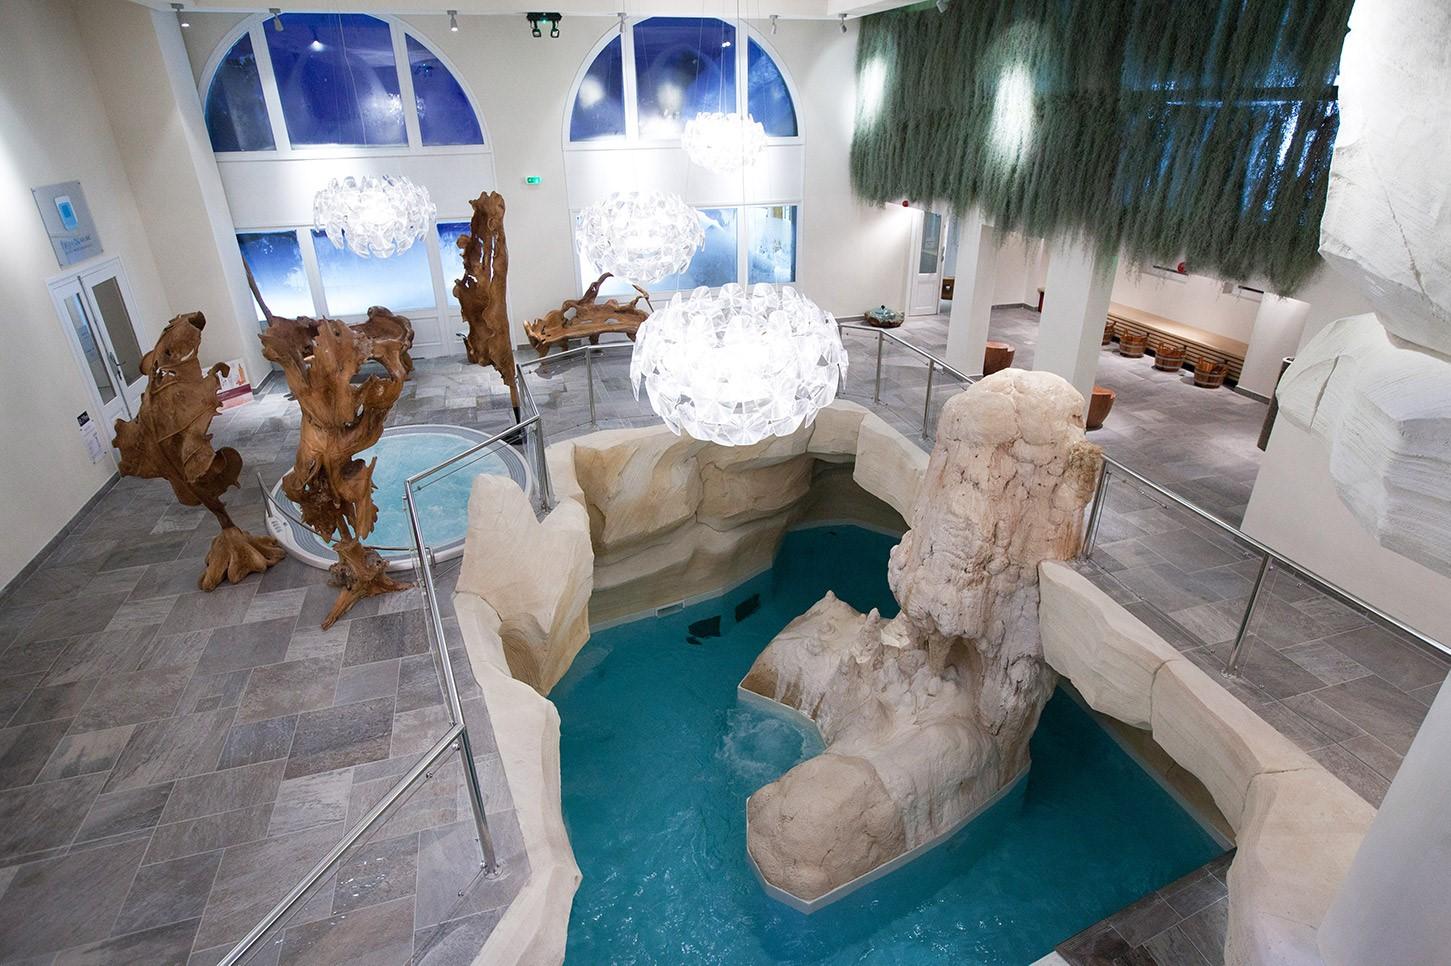 Spa deep nature arc 1950 détente sauna jacuzzi relaxation bien-être